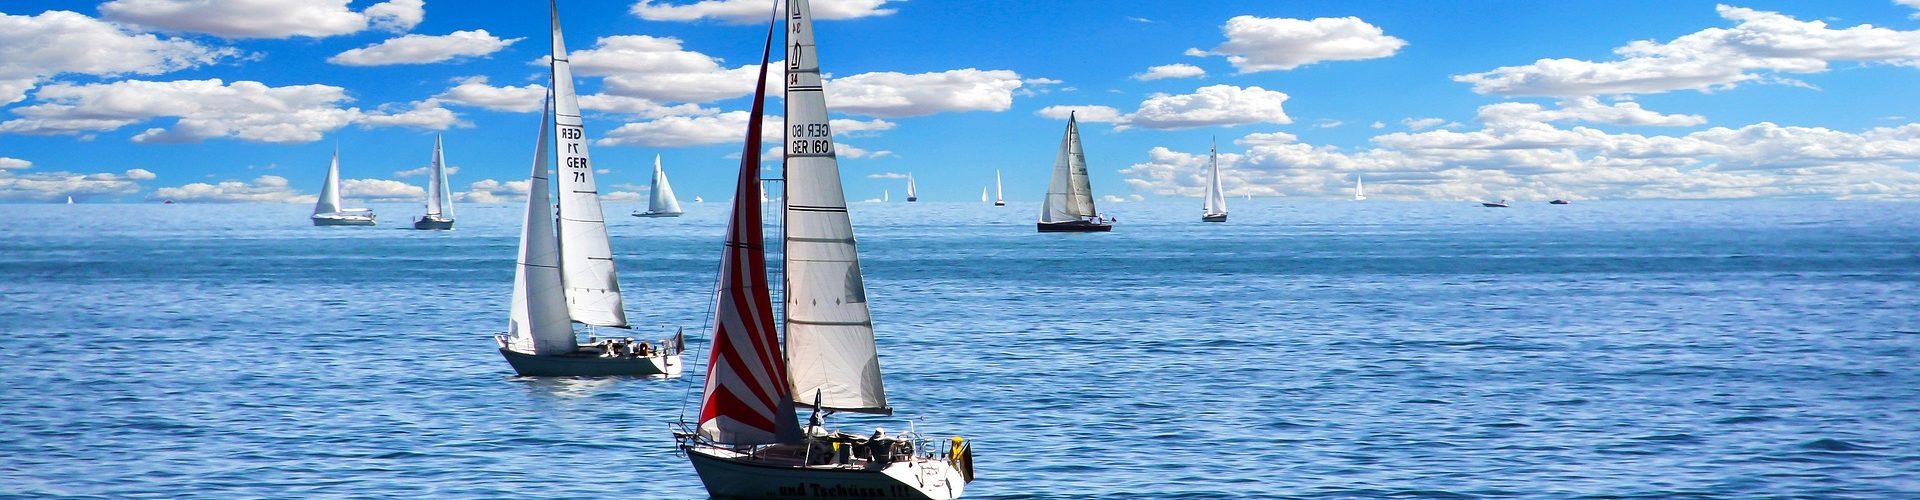 segeln lernen in Drage segelschein machen in Drage 1920x500 - Segeln lernen in Drage